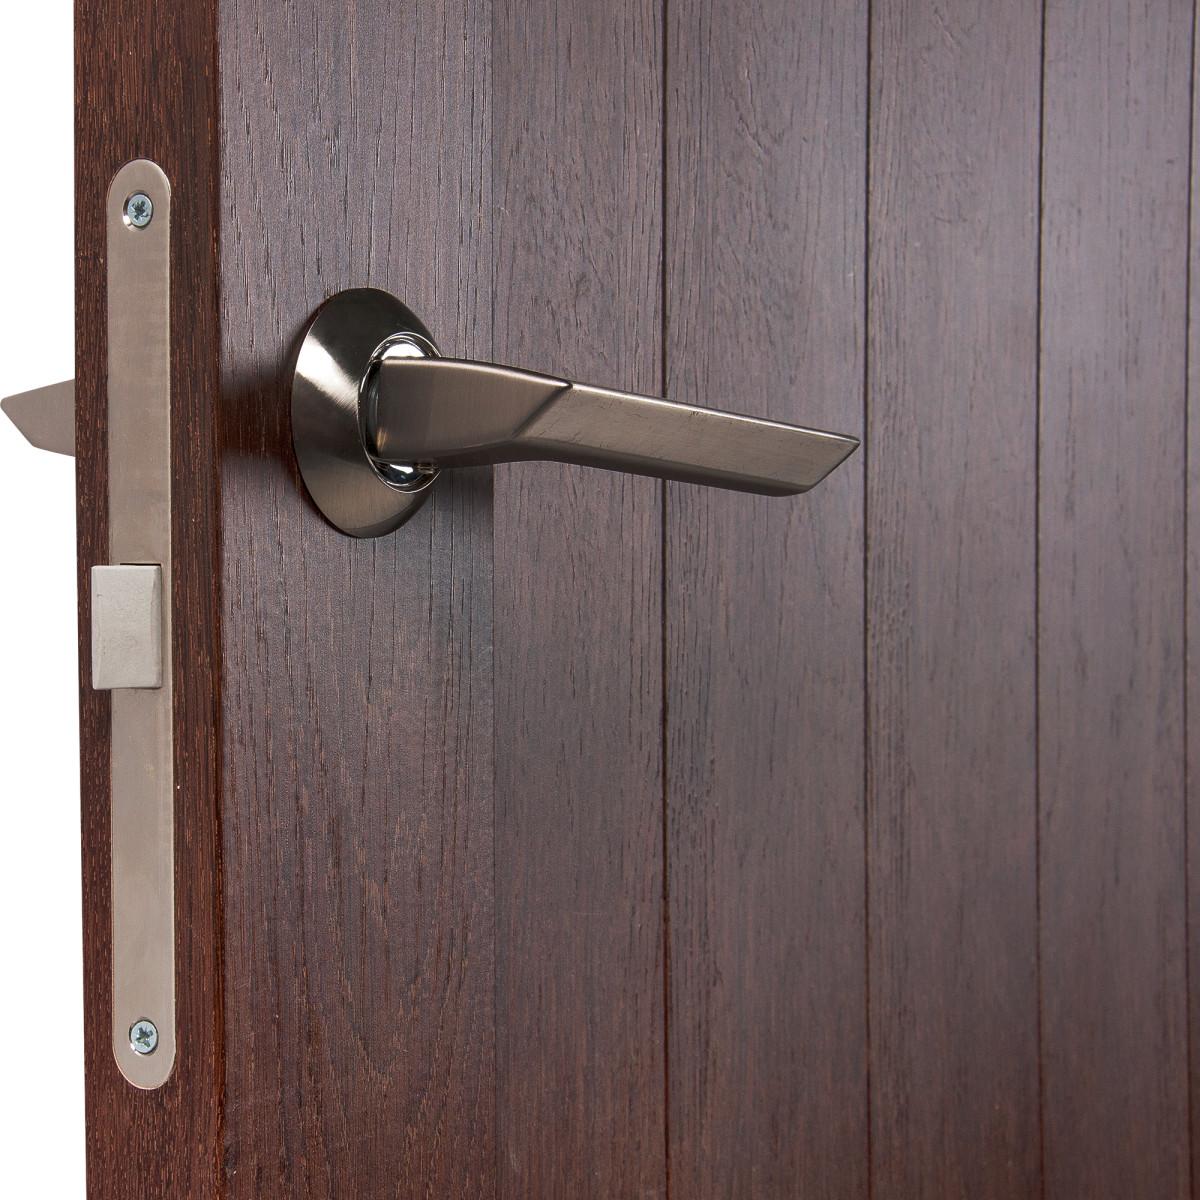 Дверь Межкомнатная Глухая Кантри 80x200 Пвх Цвет Дуб Сан-Томе С Фурнитурой